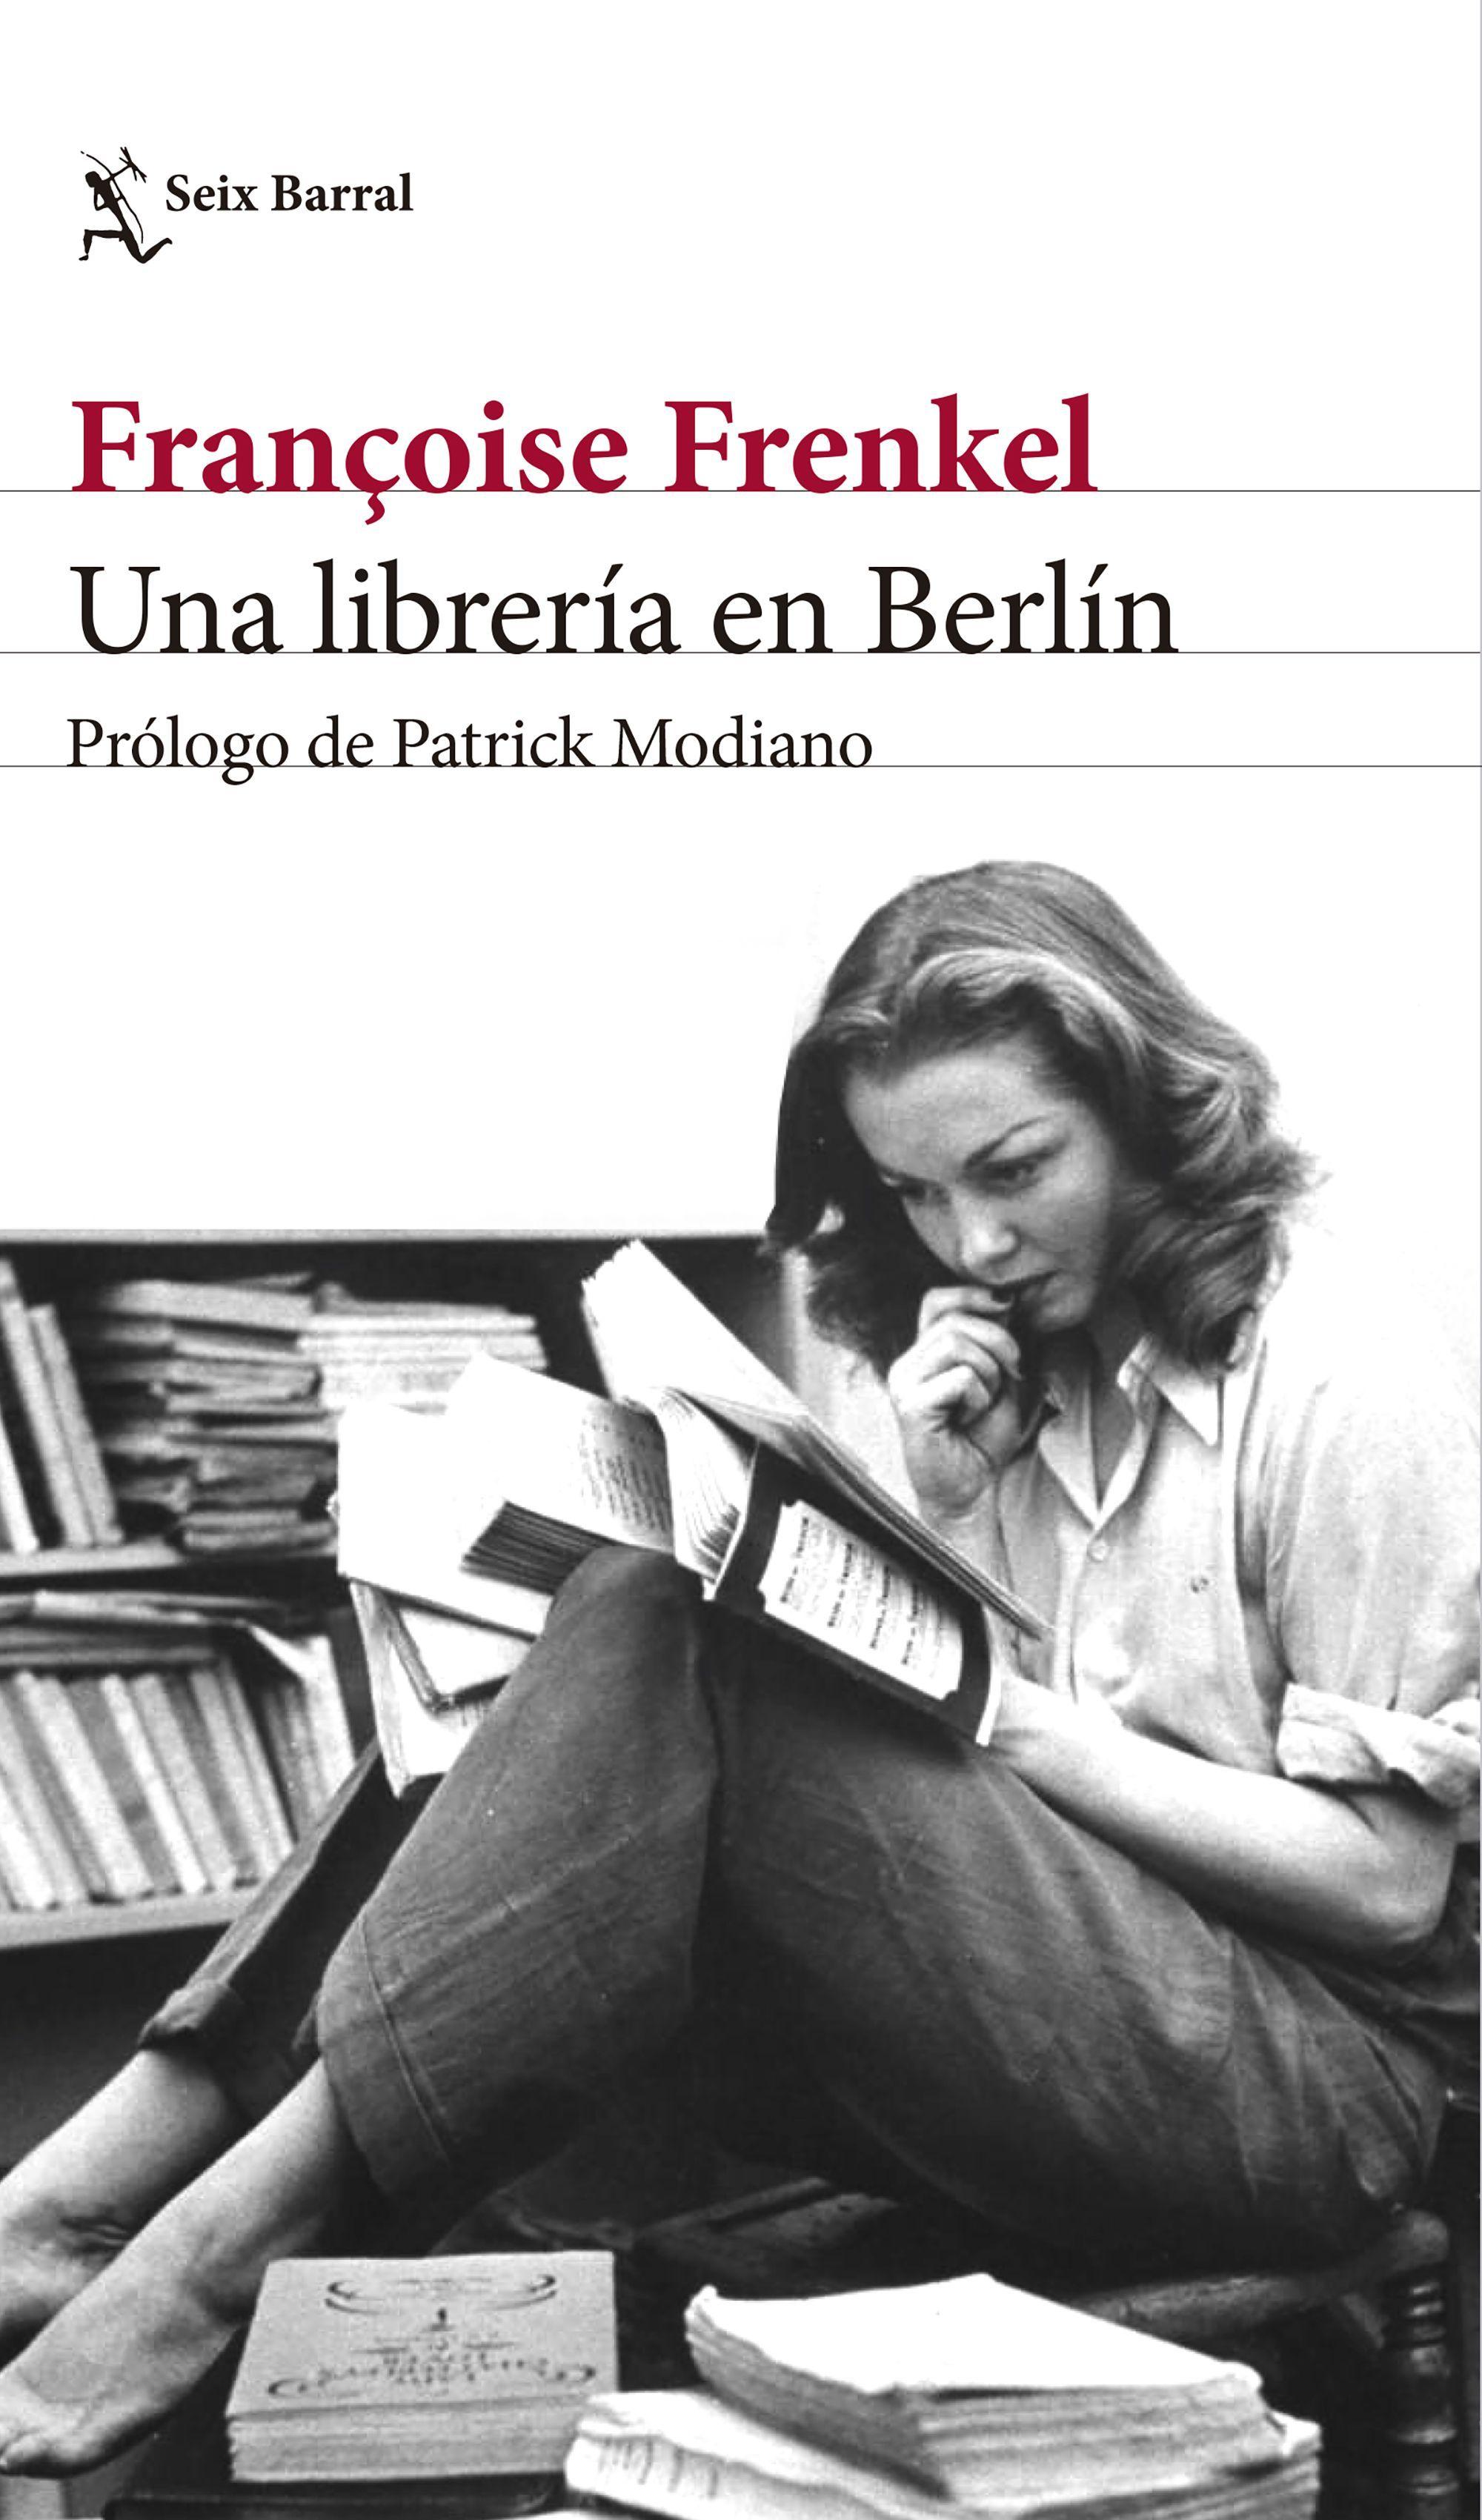 Una Librería en Berlín - Françoise Frenkel - Seix Barral